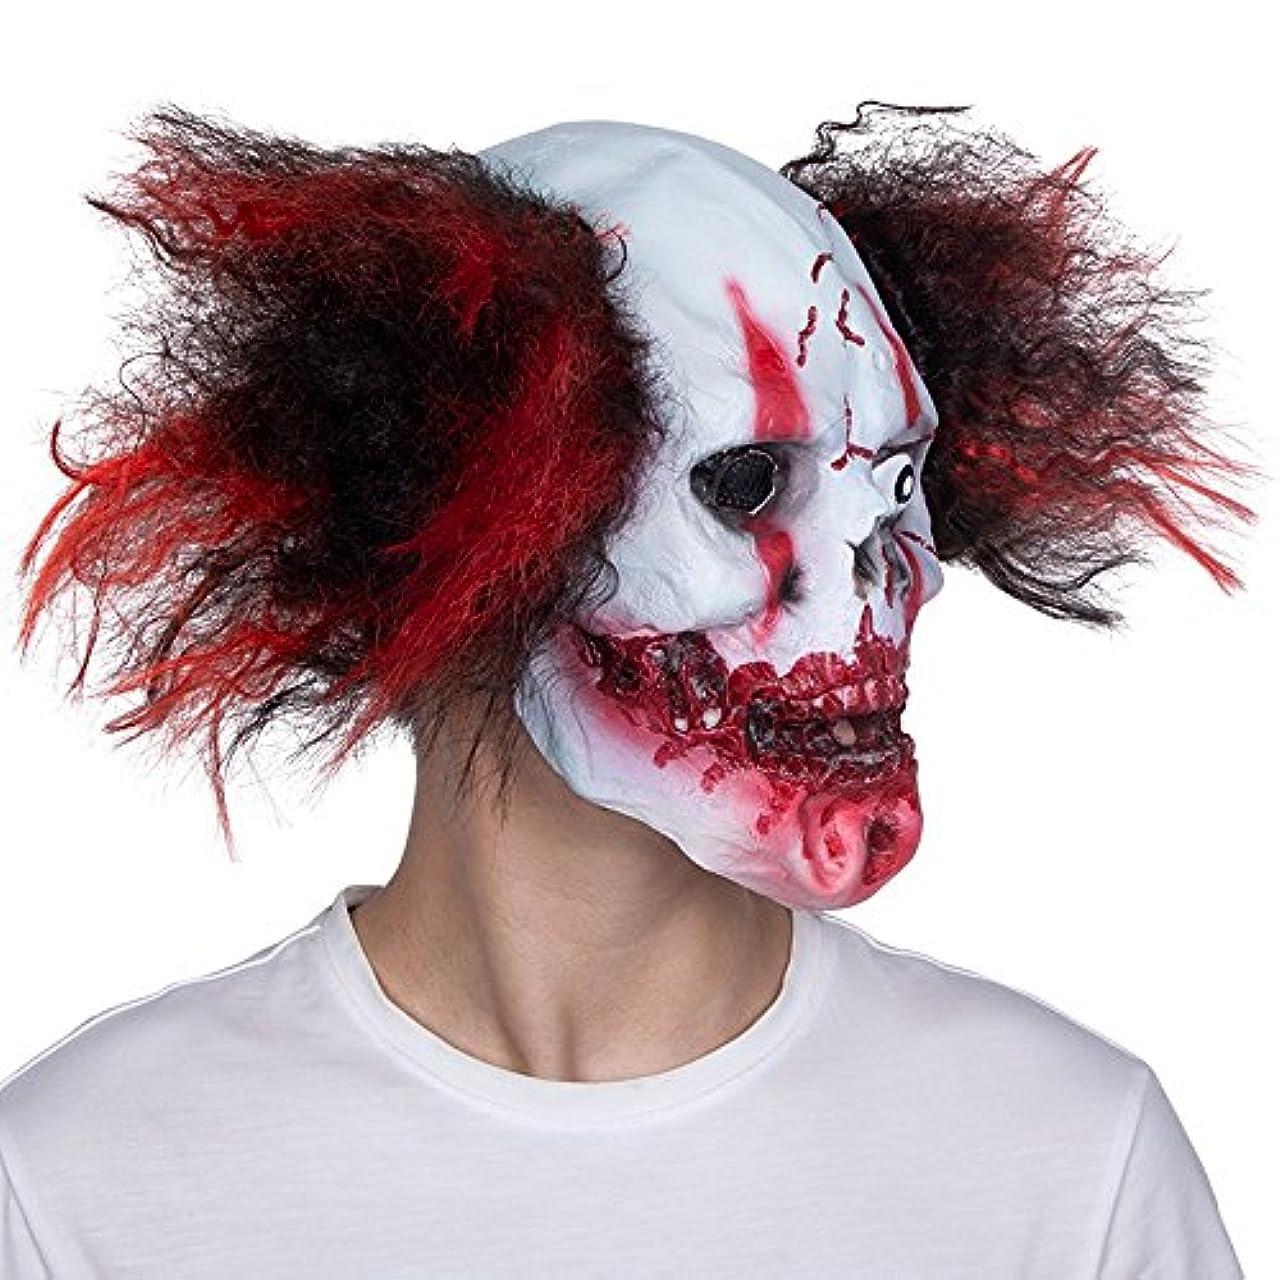 損なう頭蓋骨千ハロウィーンホワイトマスク大人男性フルフェイスホラー骷髅悪魔ラテックスフードなりすまし怖いマスクダンス